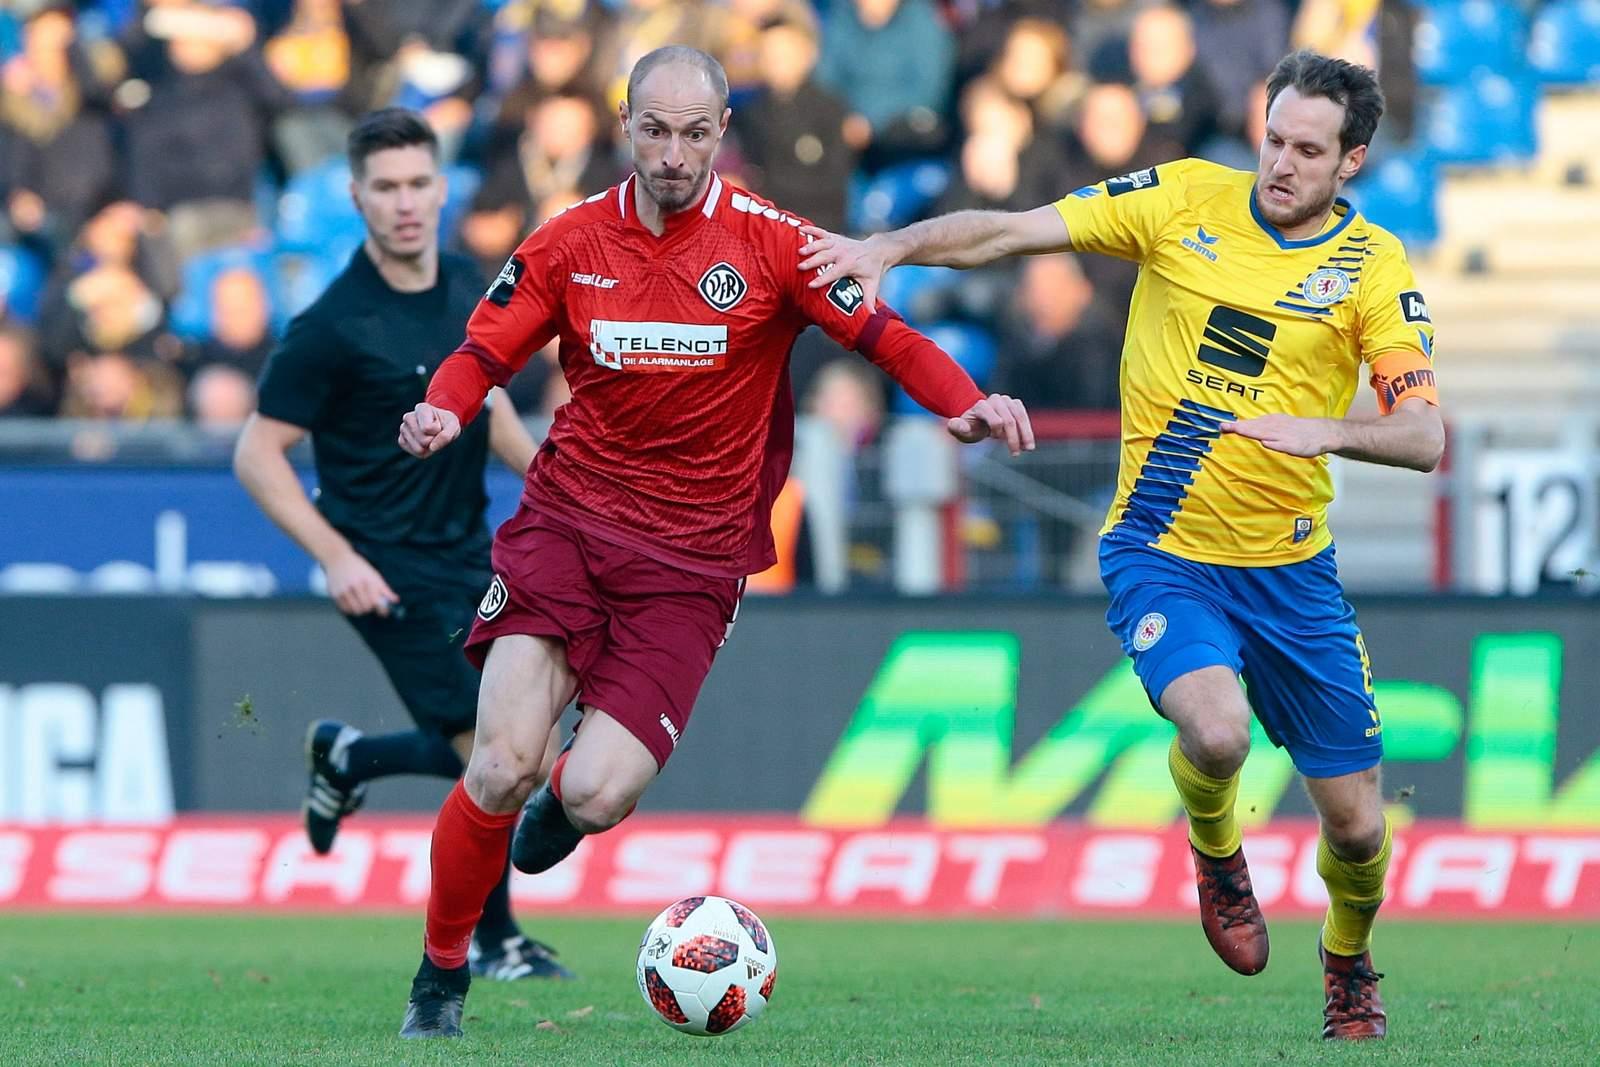 Matthias Morys vom VfR Aalen gegen Stephan Fürstner von Eintracht Braunschweig.